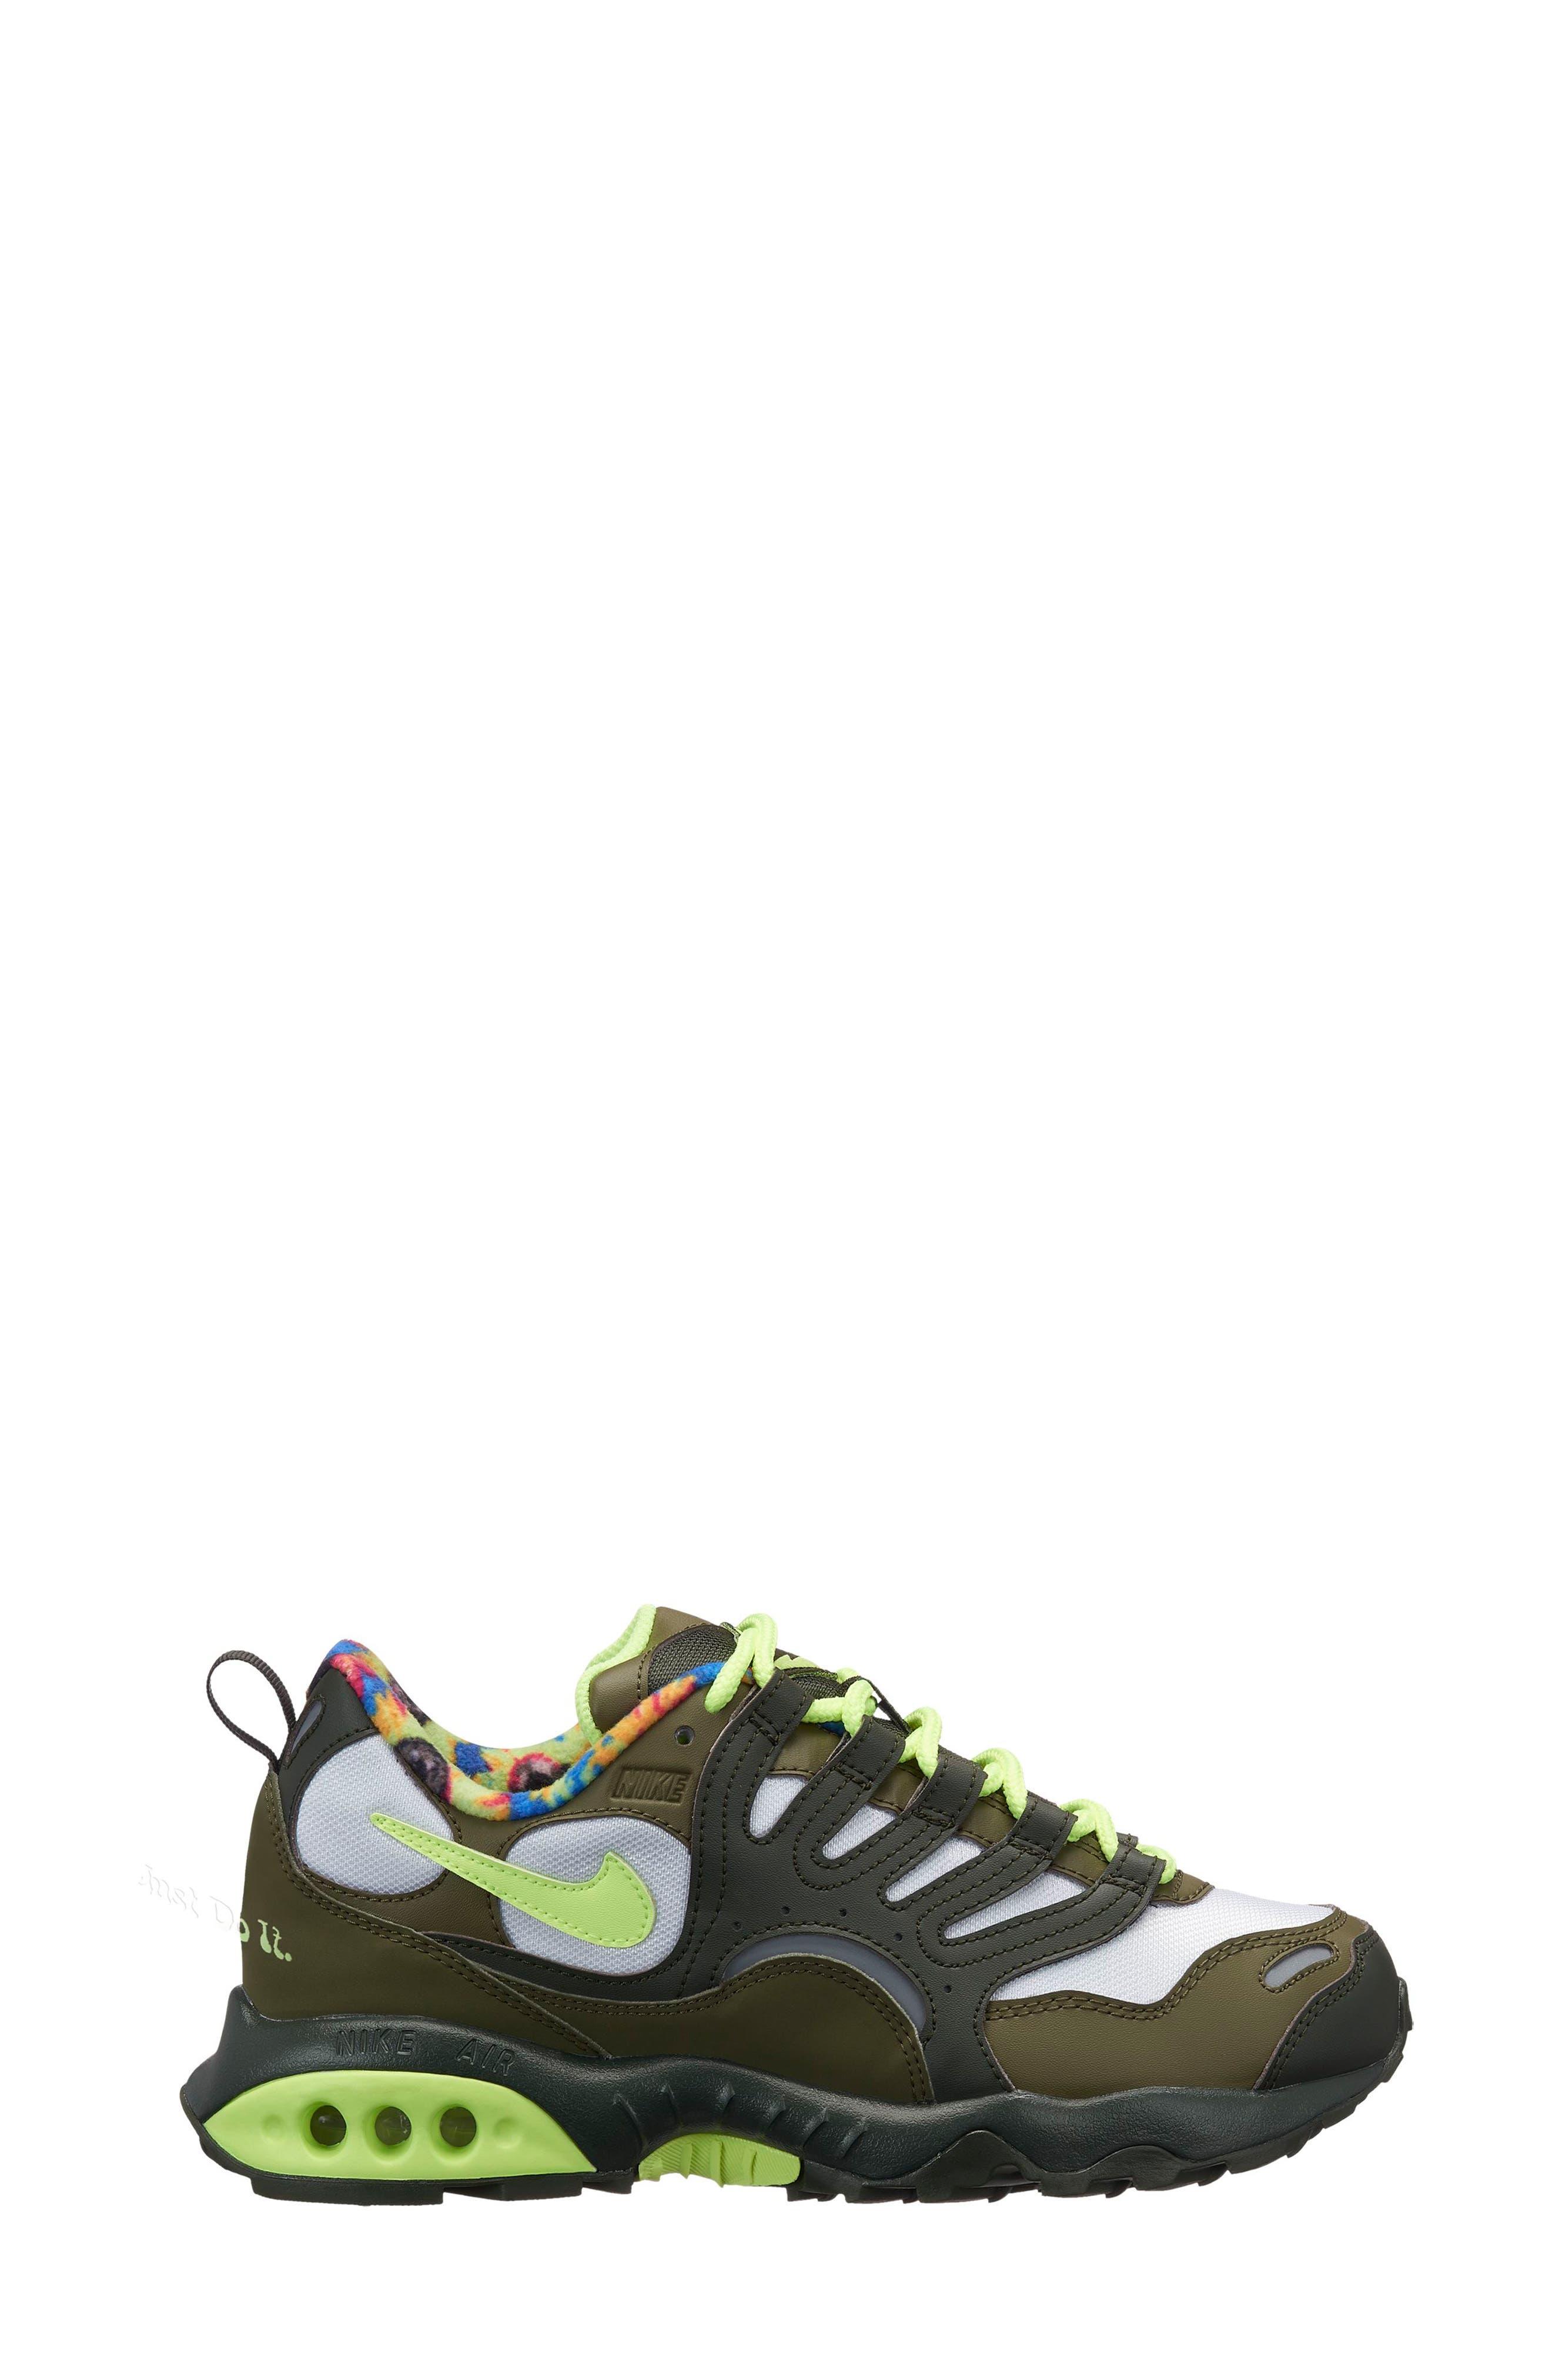 Nike Air Terra Humara '18 Sneaker In